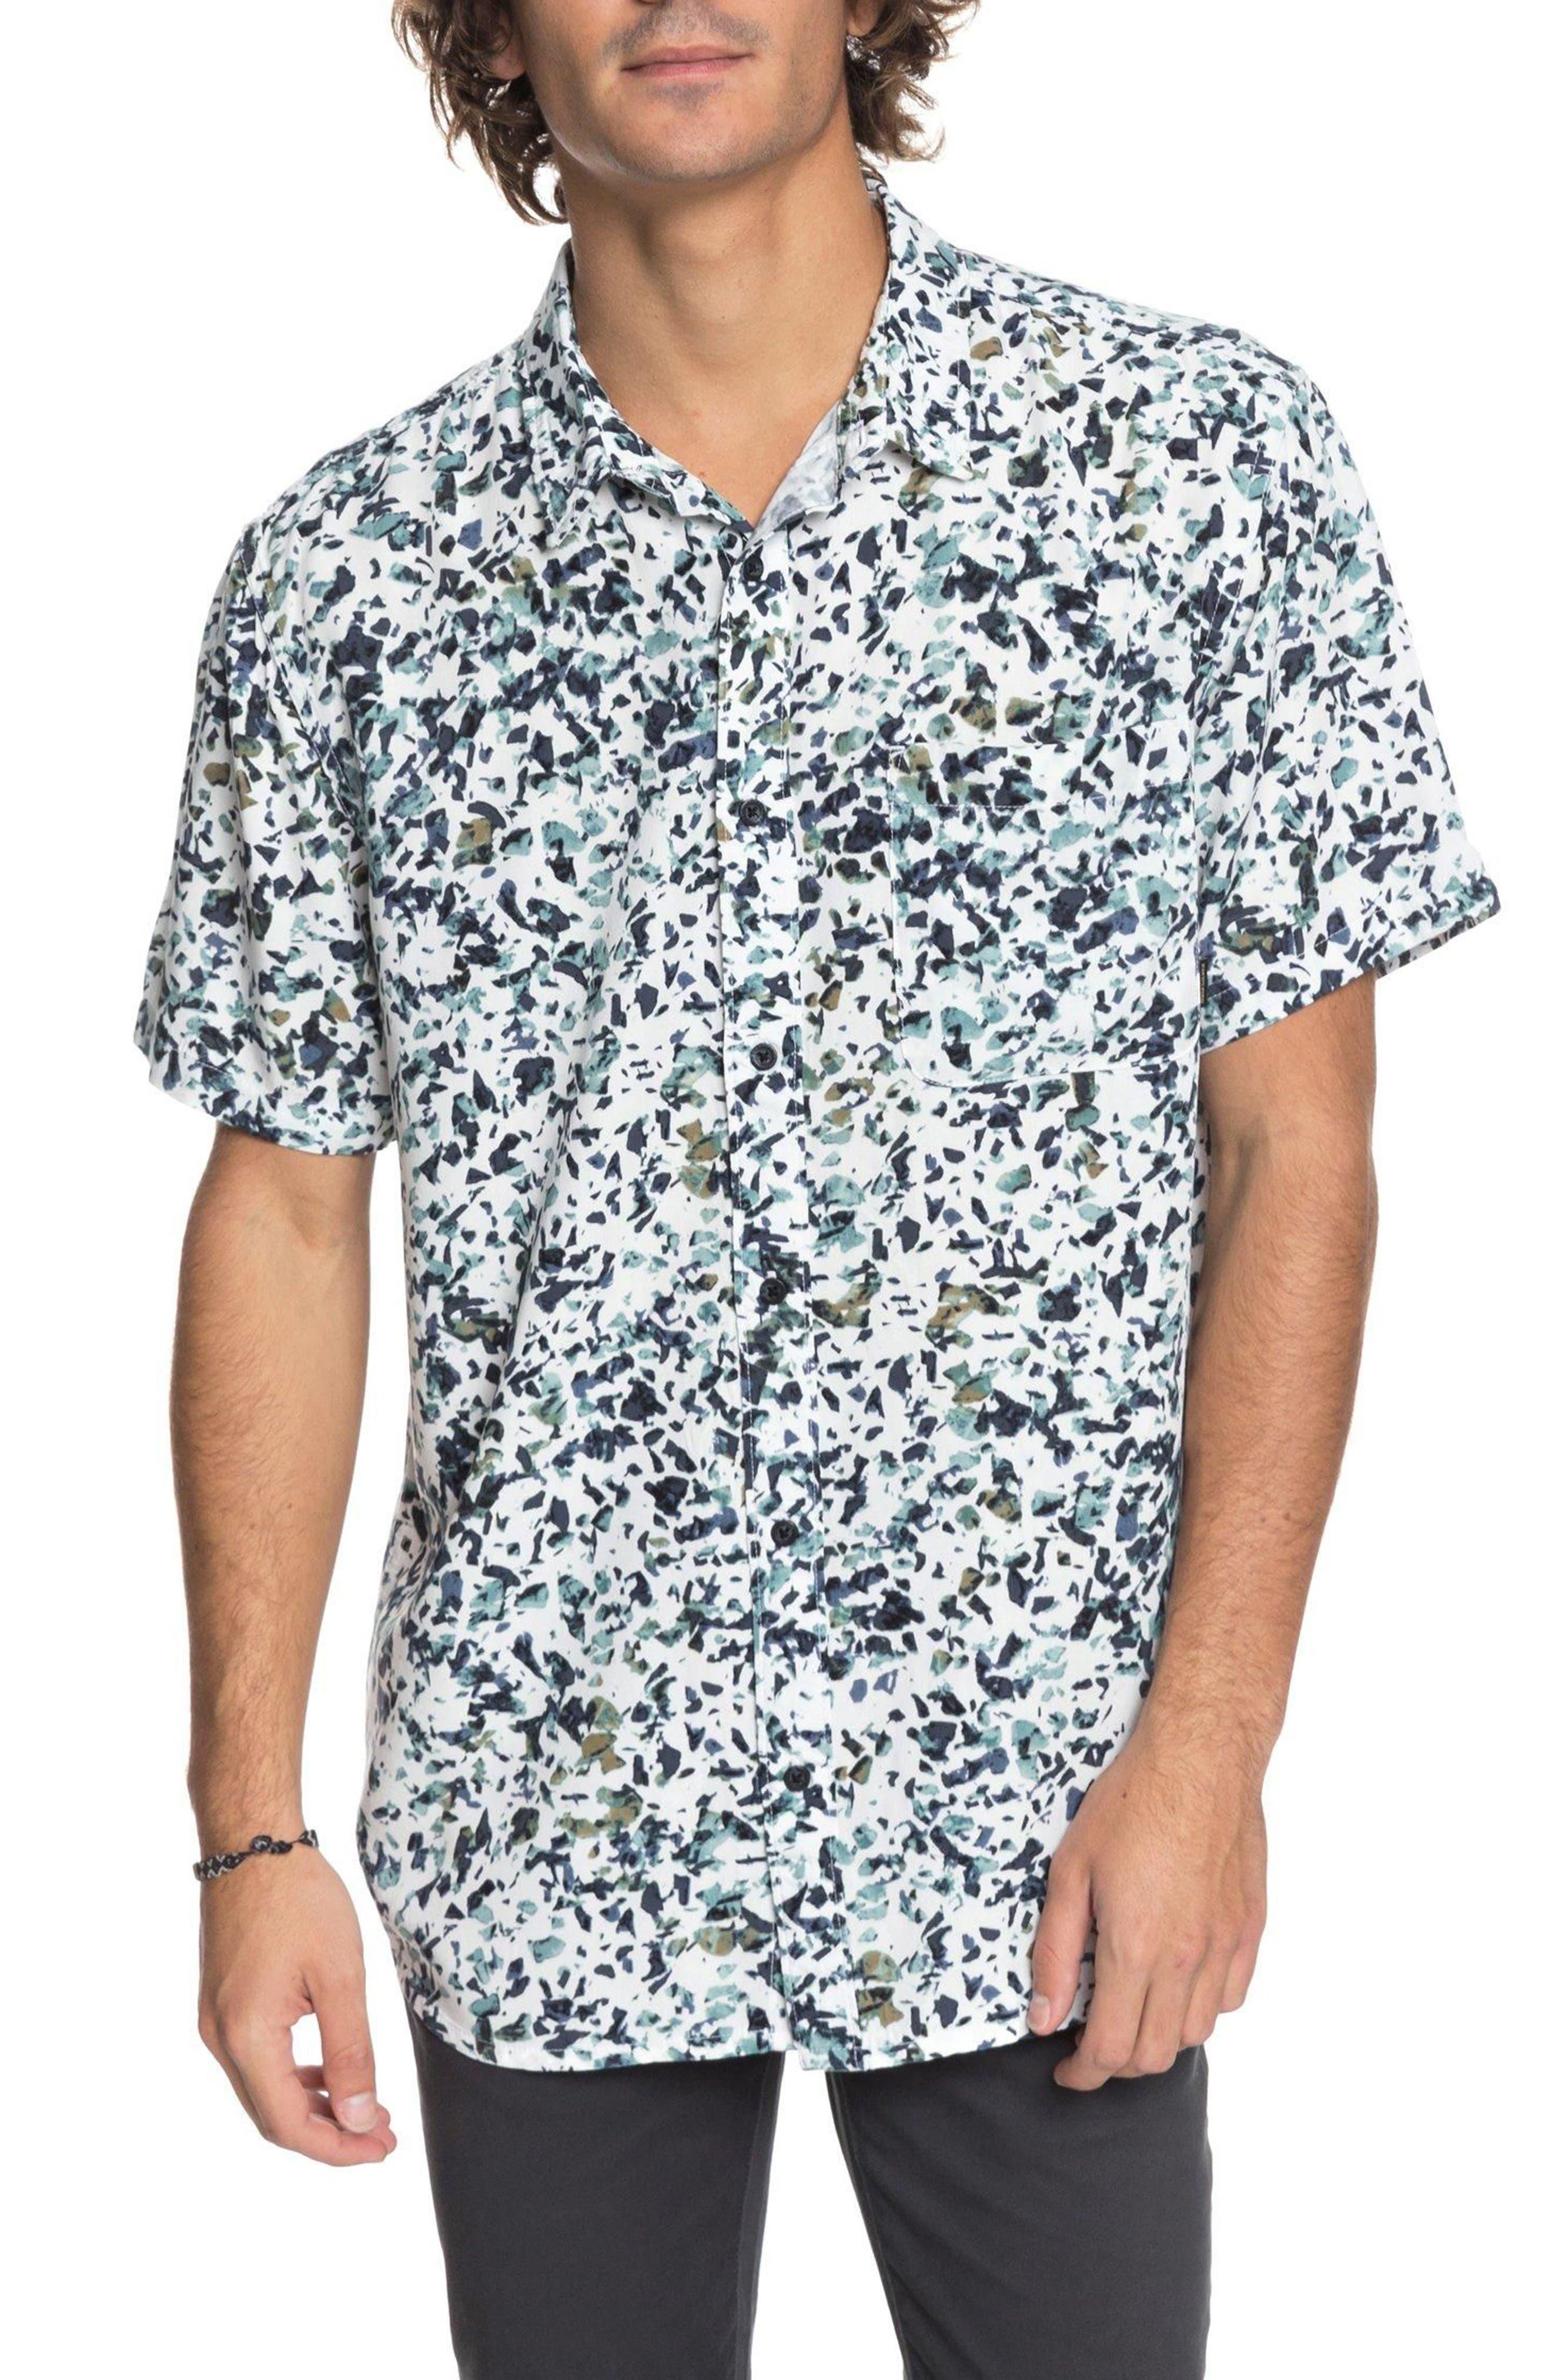 QUIKSILVER Fata Morgana Woven Shirt, Main, color, 101